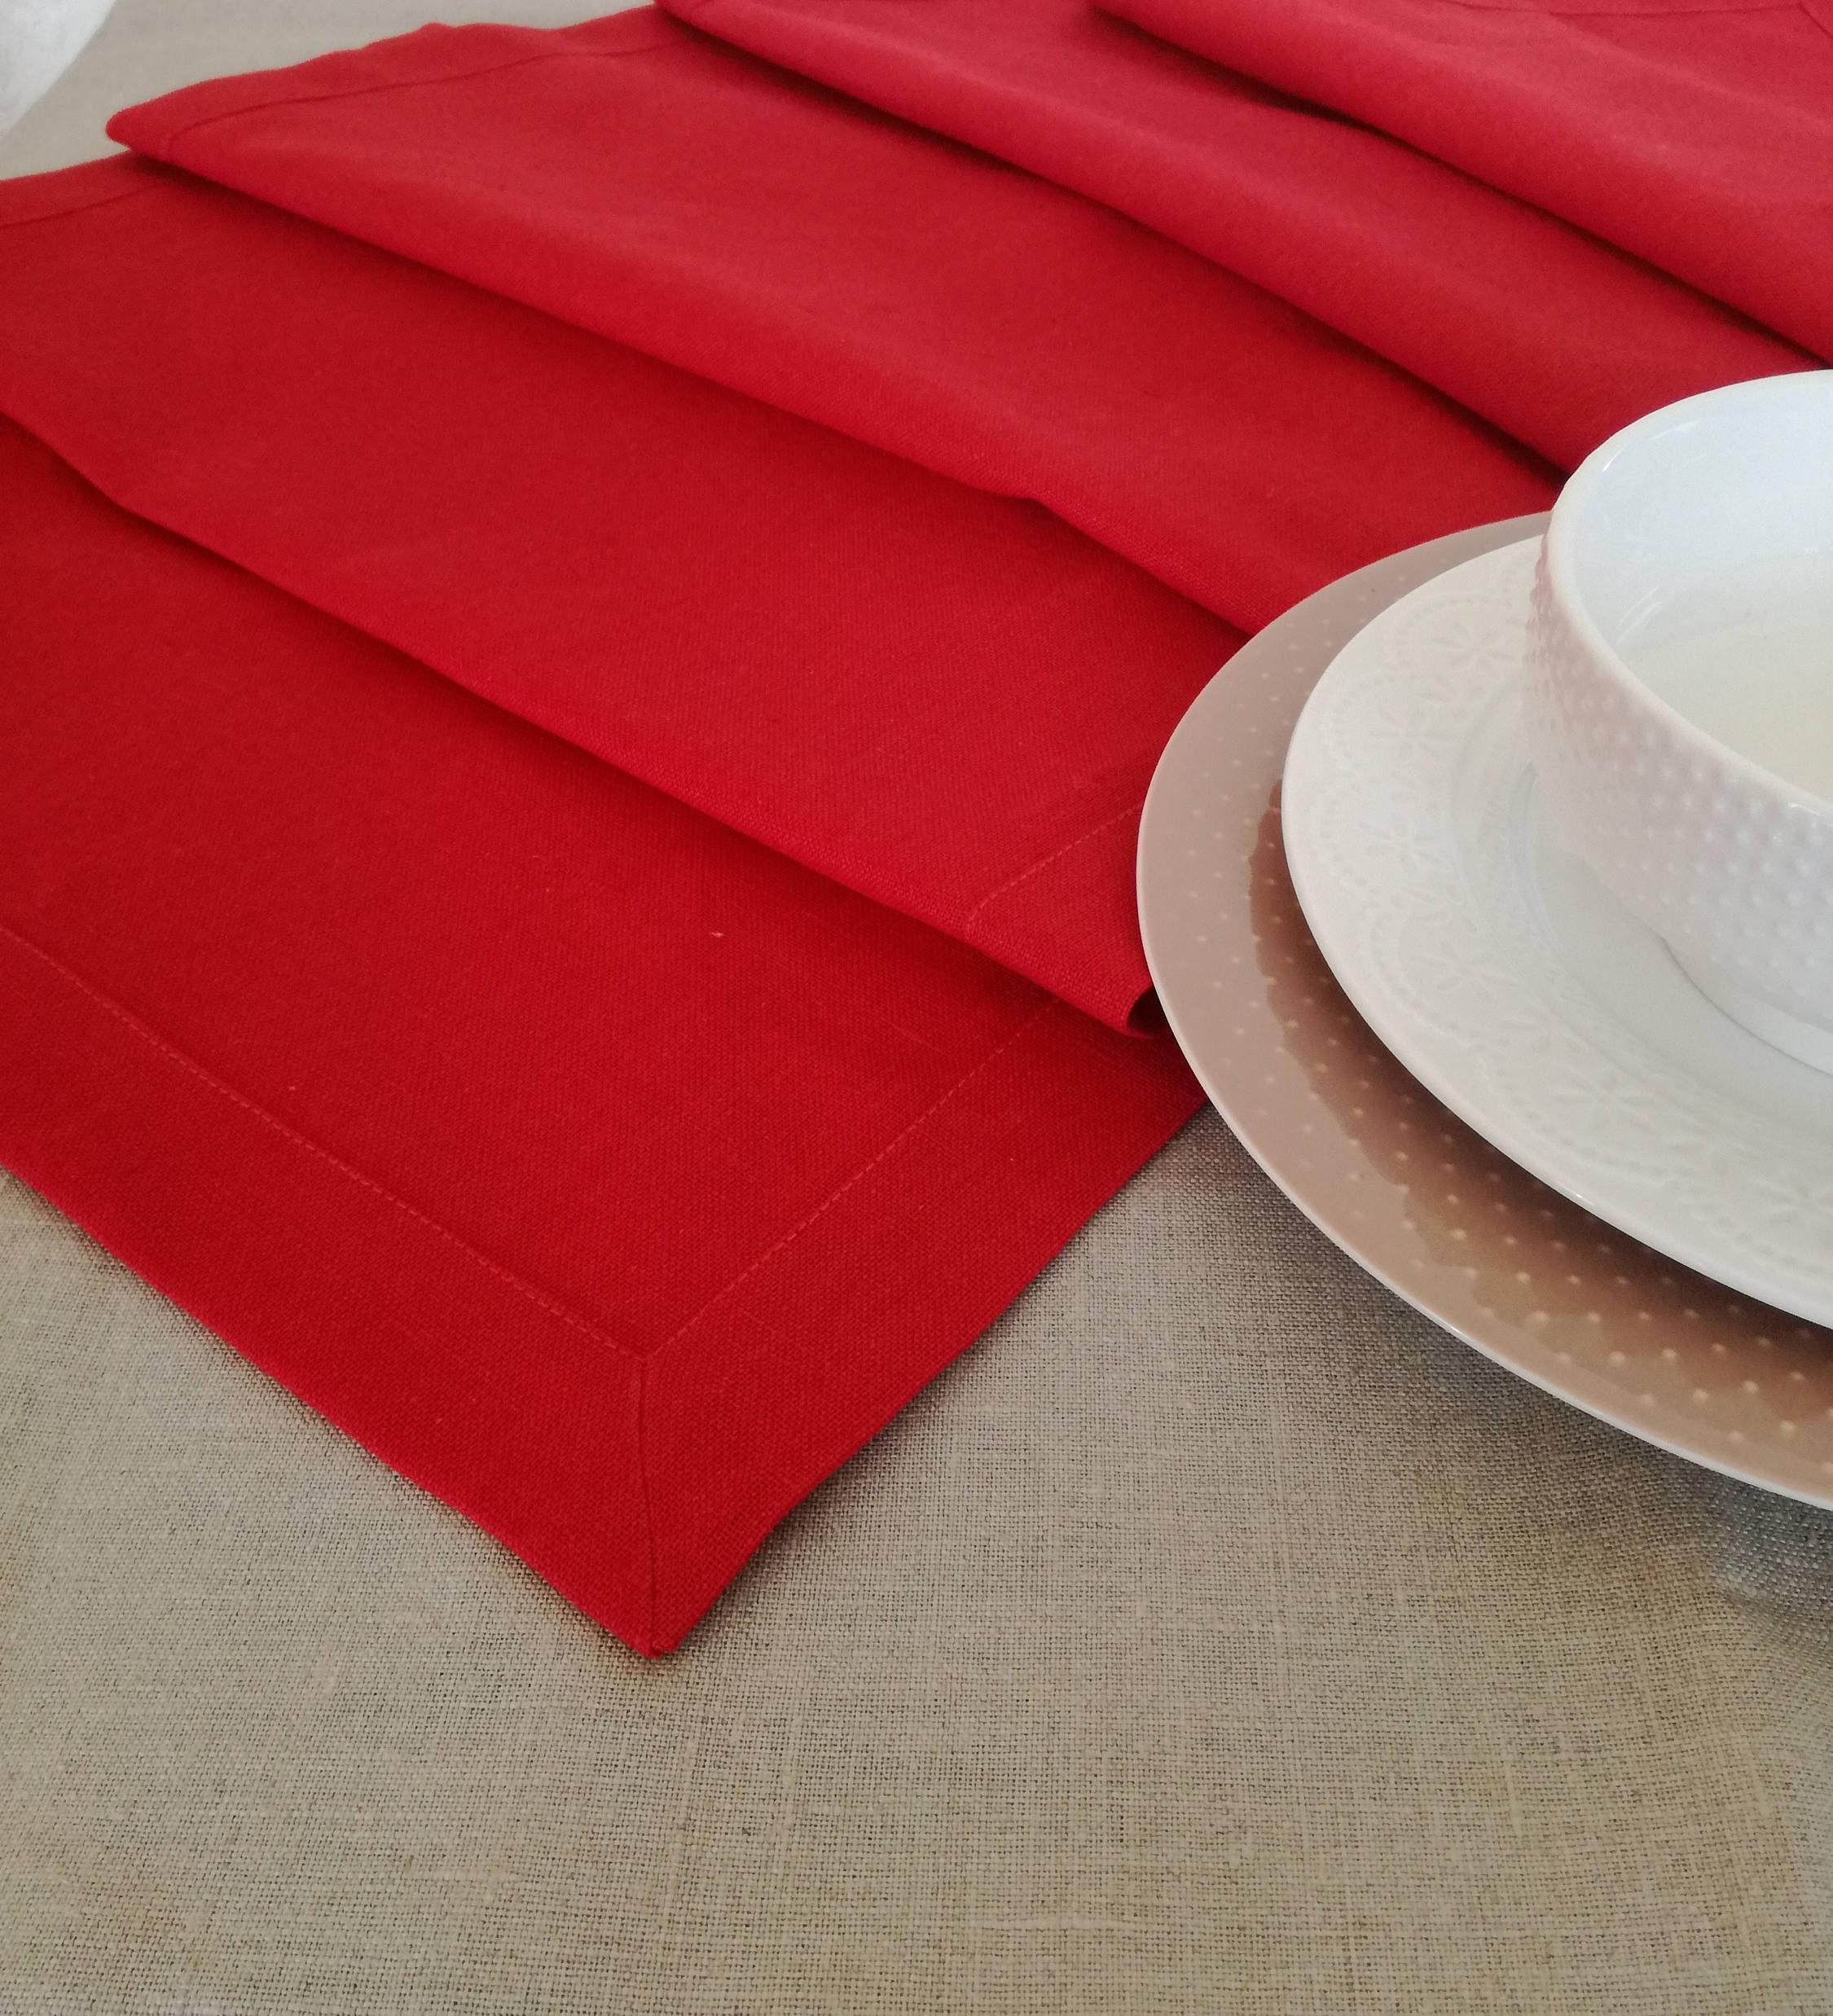 Red Linen Table Runner Christmas Table Runner Natural Linen